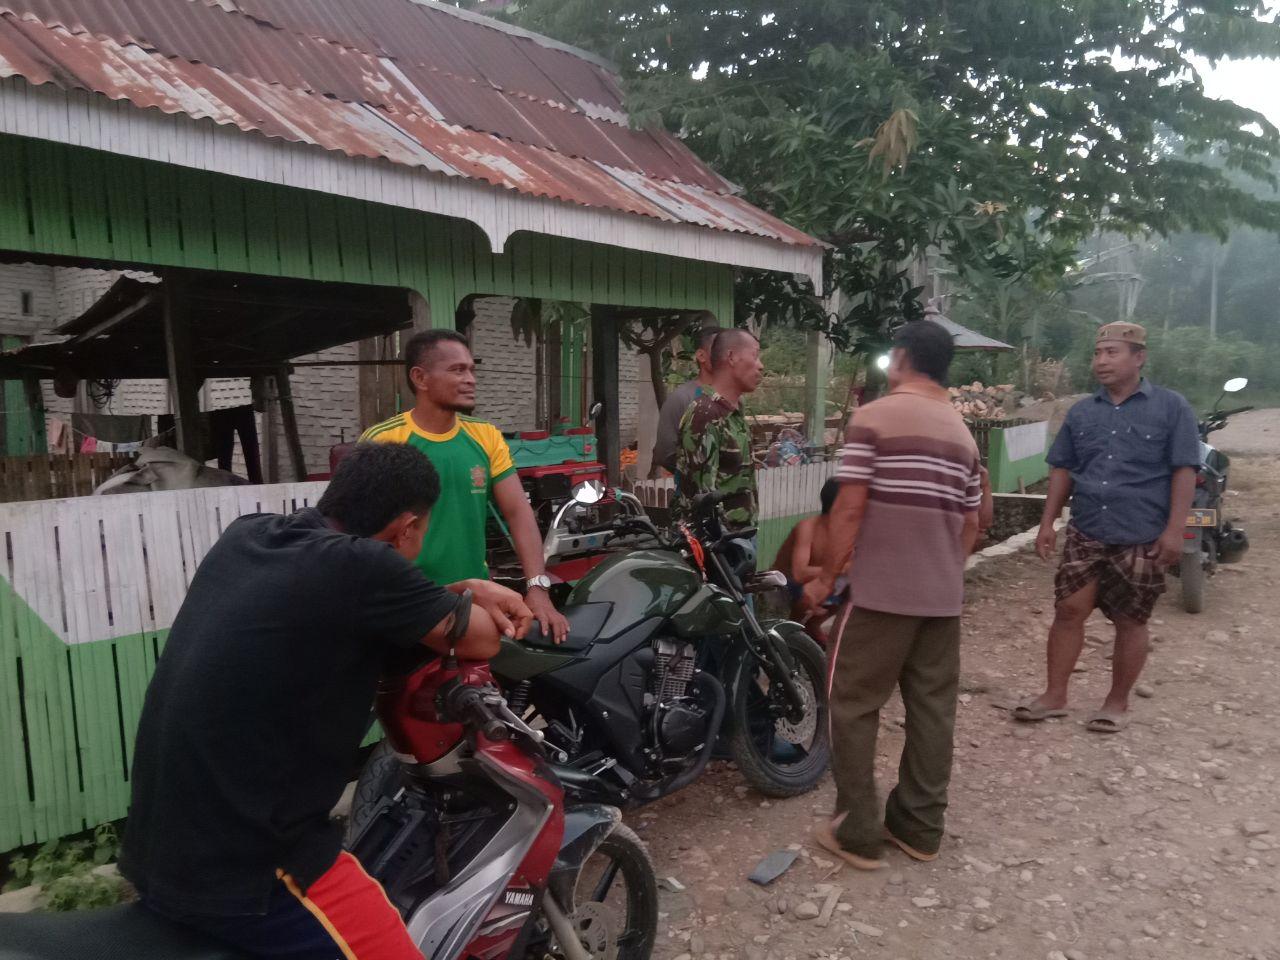 Lewat TMMD, Diharapkan Dapat Memperkuat Semangat Nasionalisme dan Patriotisme di Desa Tertinggal